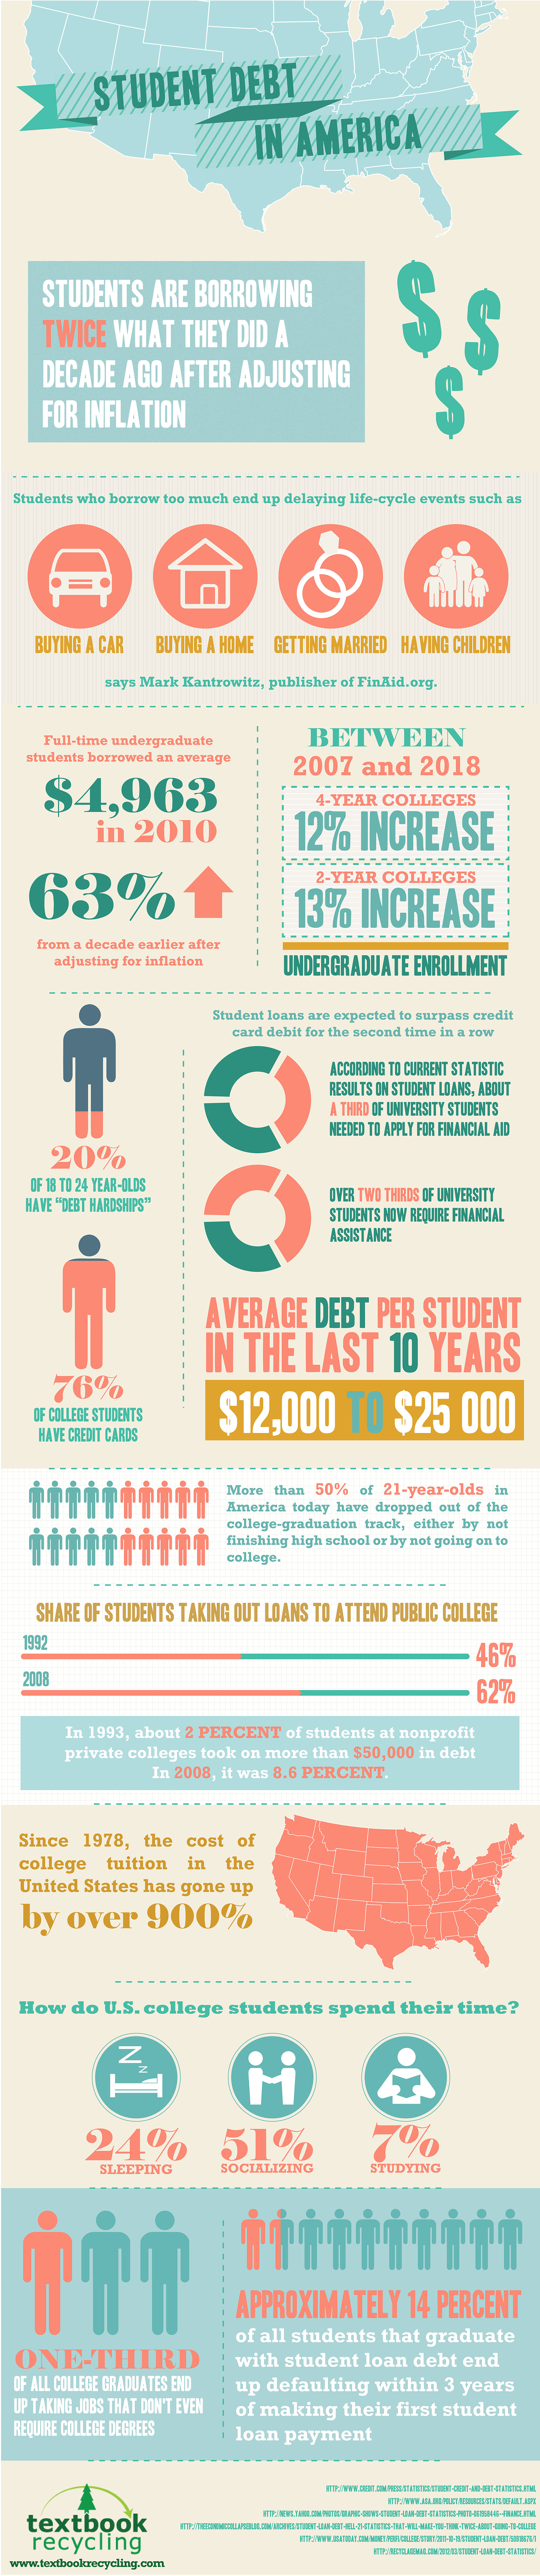 student-debt-in-america_5047e1f62cfab